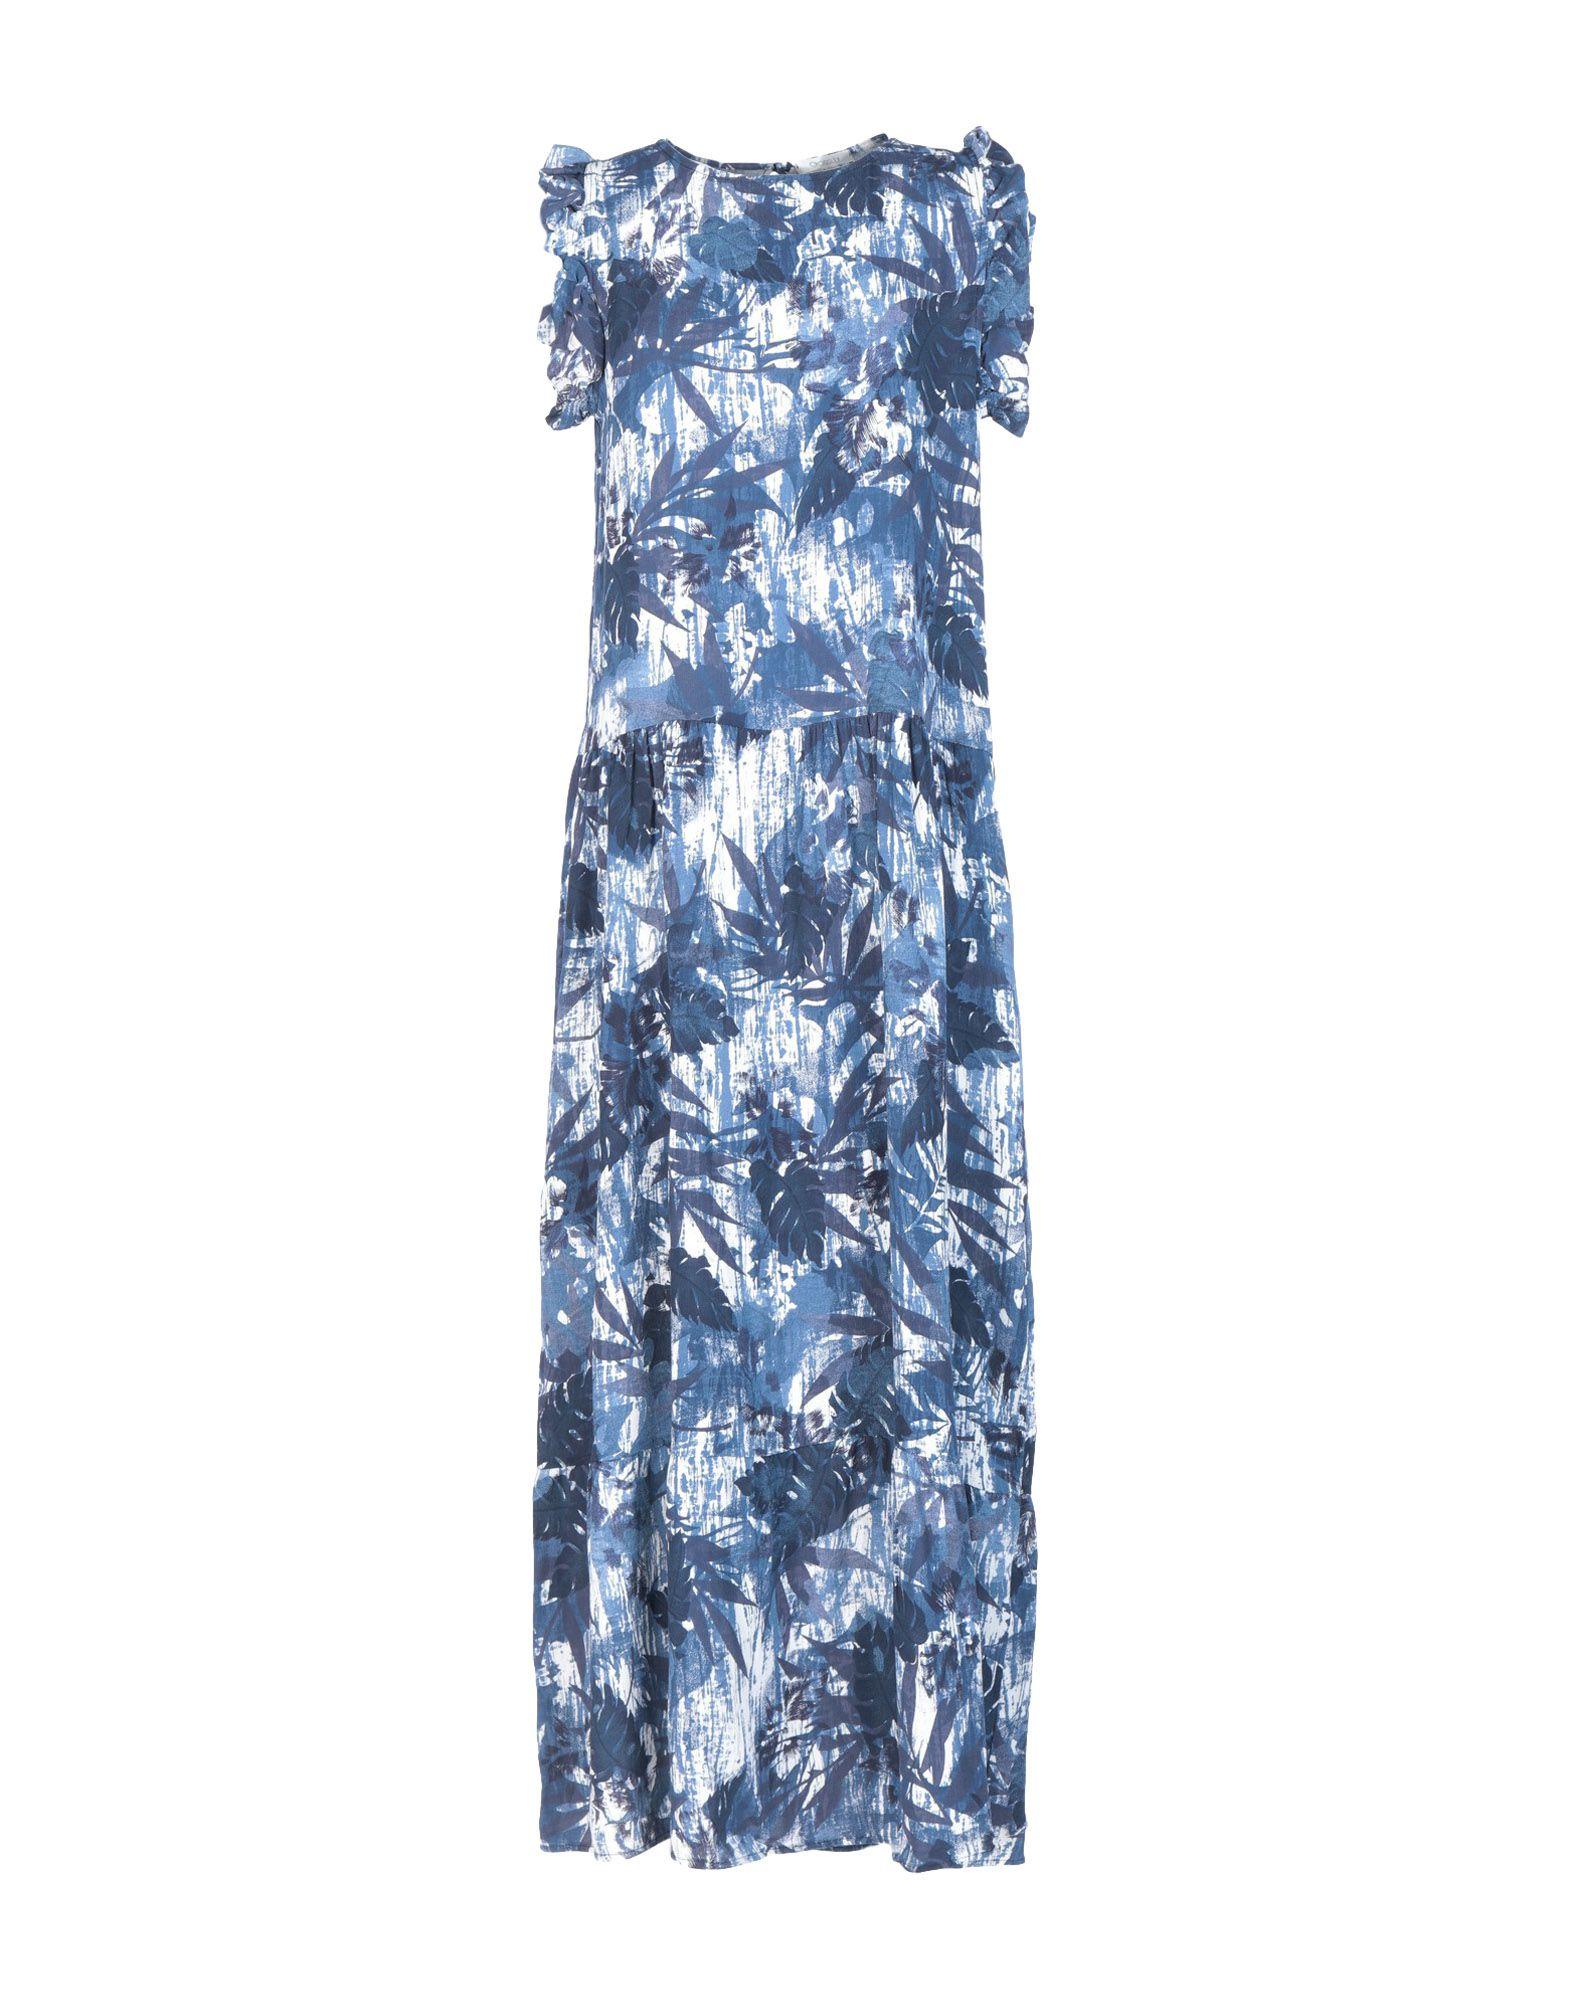 Γυναικεία Φορέματα - Σελίδα 1910  f383480701b